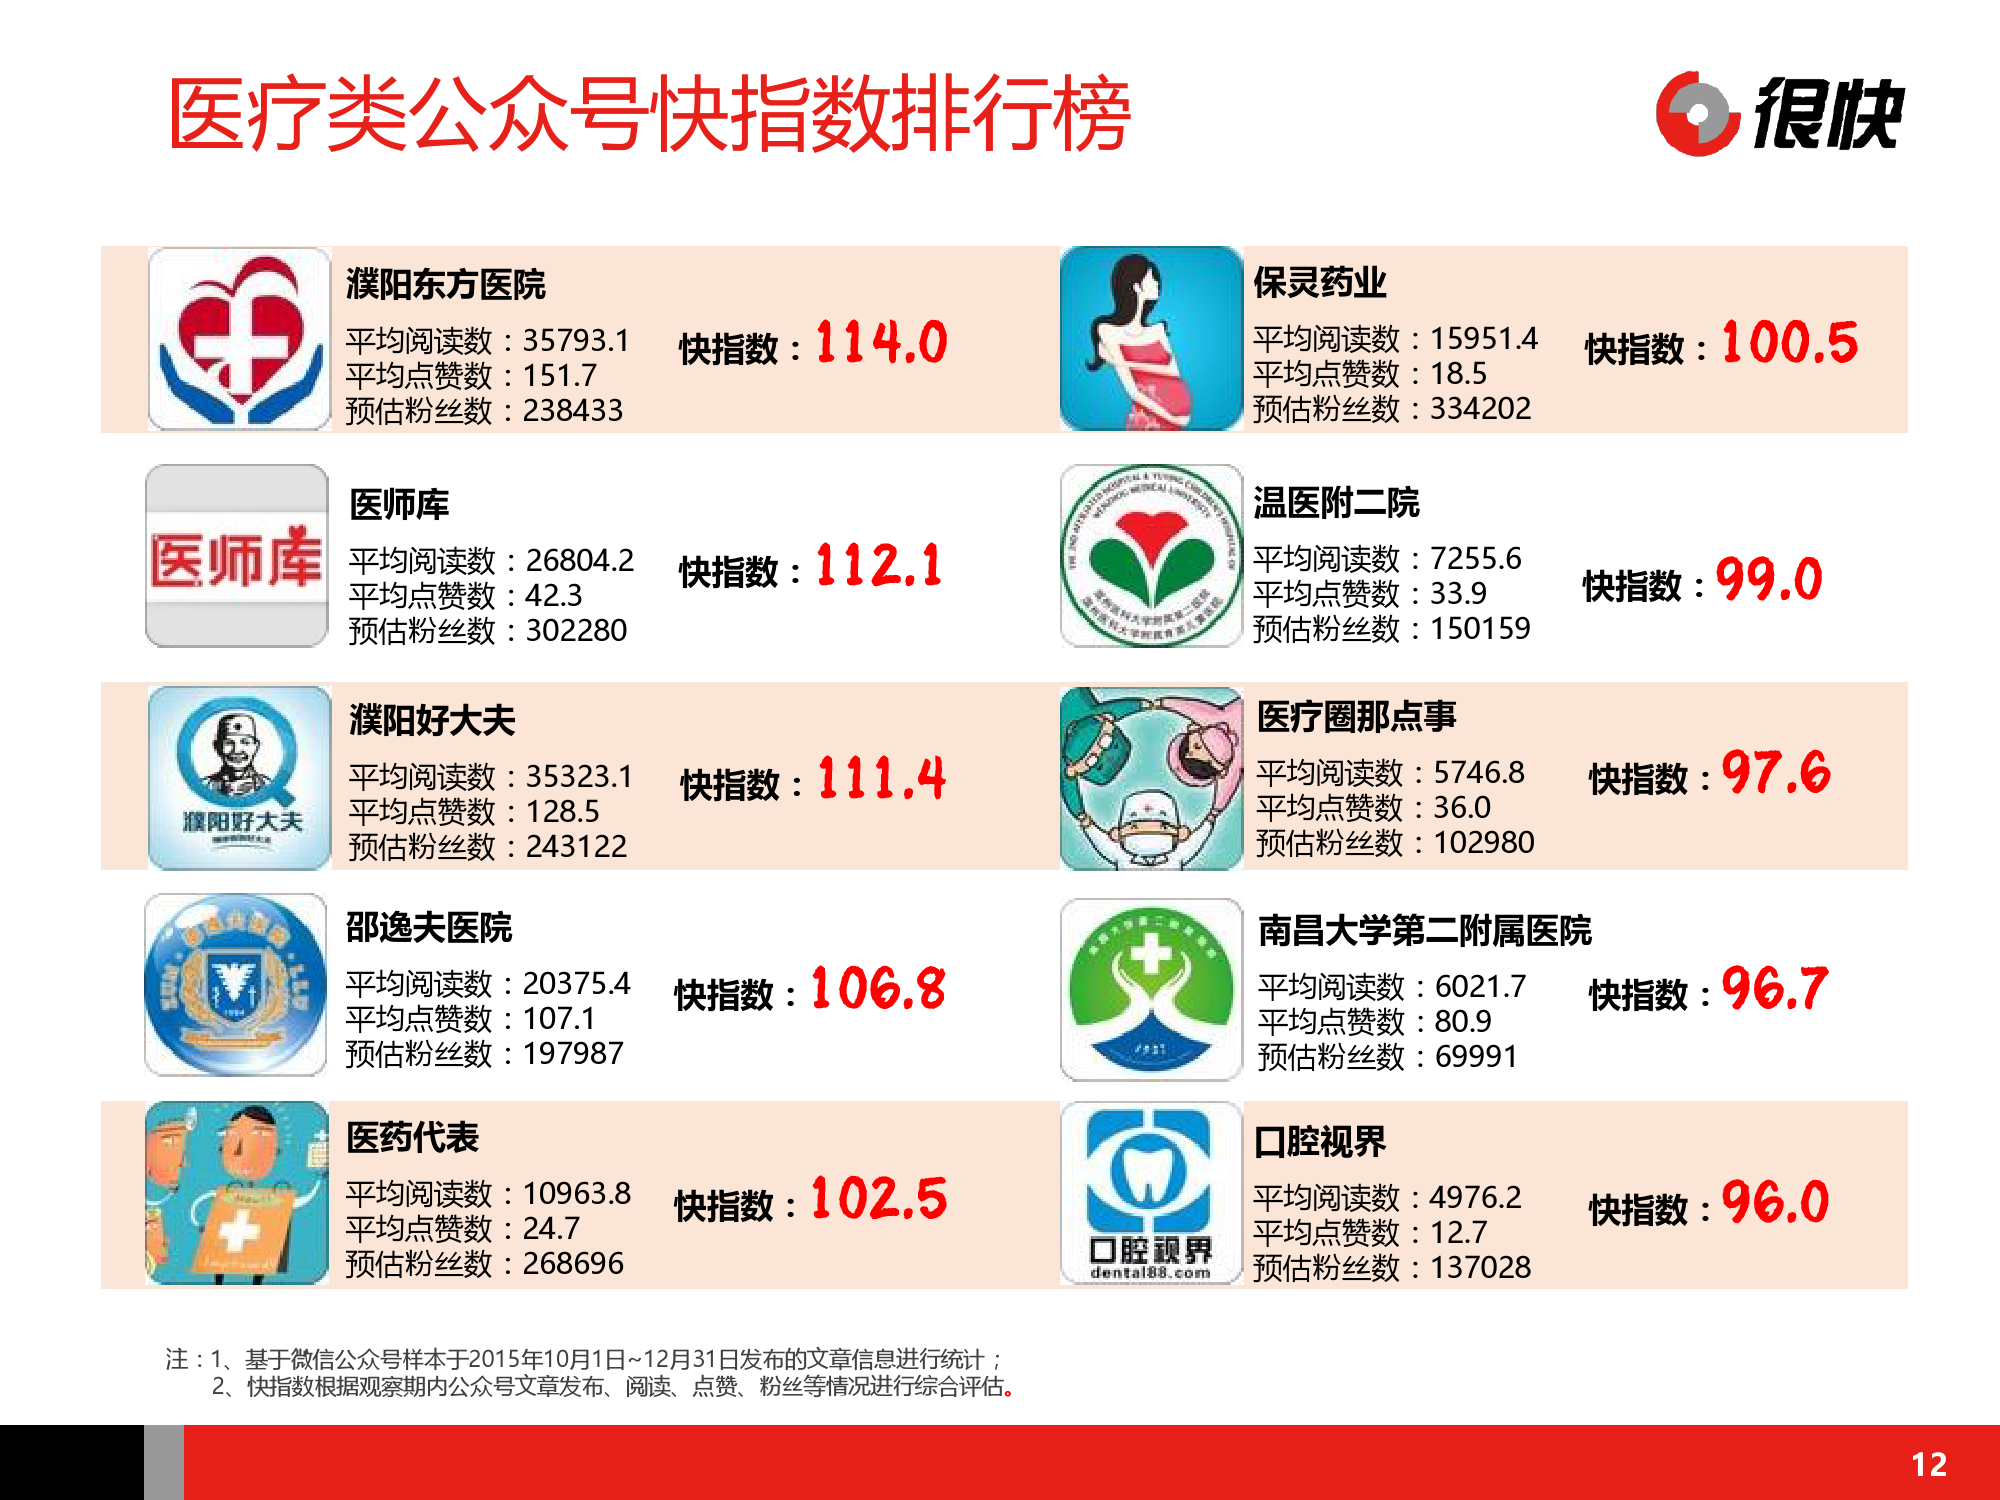 Henkuai-中国医疗健康行业公众号数据洞察报告-20160115_000012